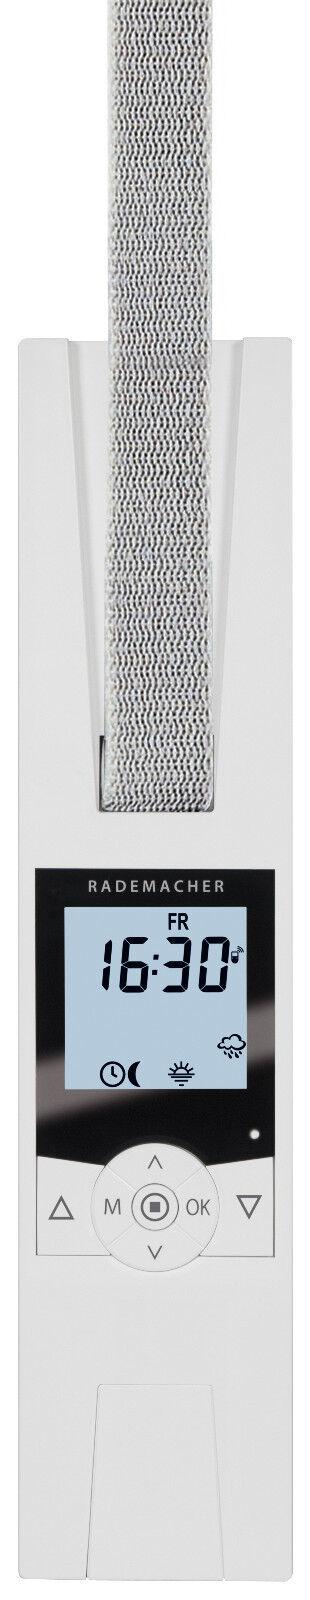 Rademacher RolloTron Comfort Plus DuoFern Cinghia ALZAVETRO fino a 65 kg; opt. ACCESSORI